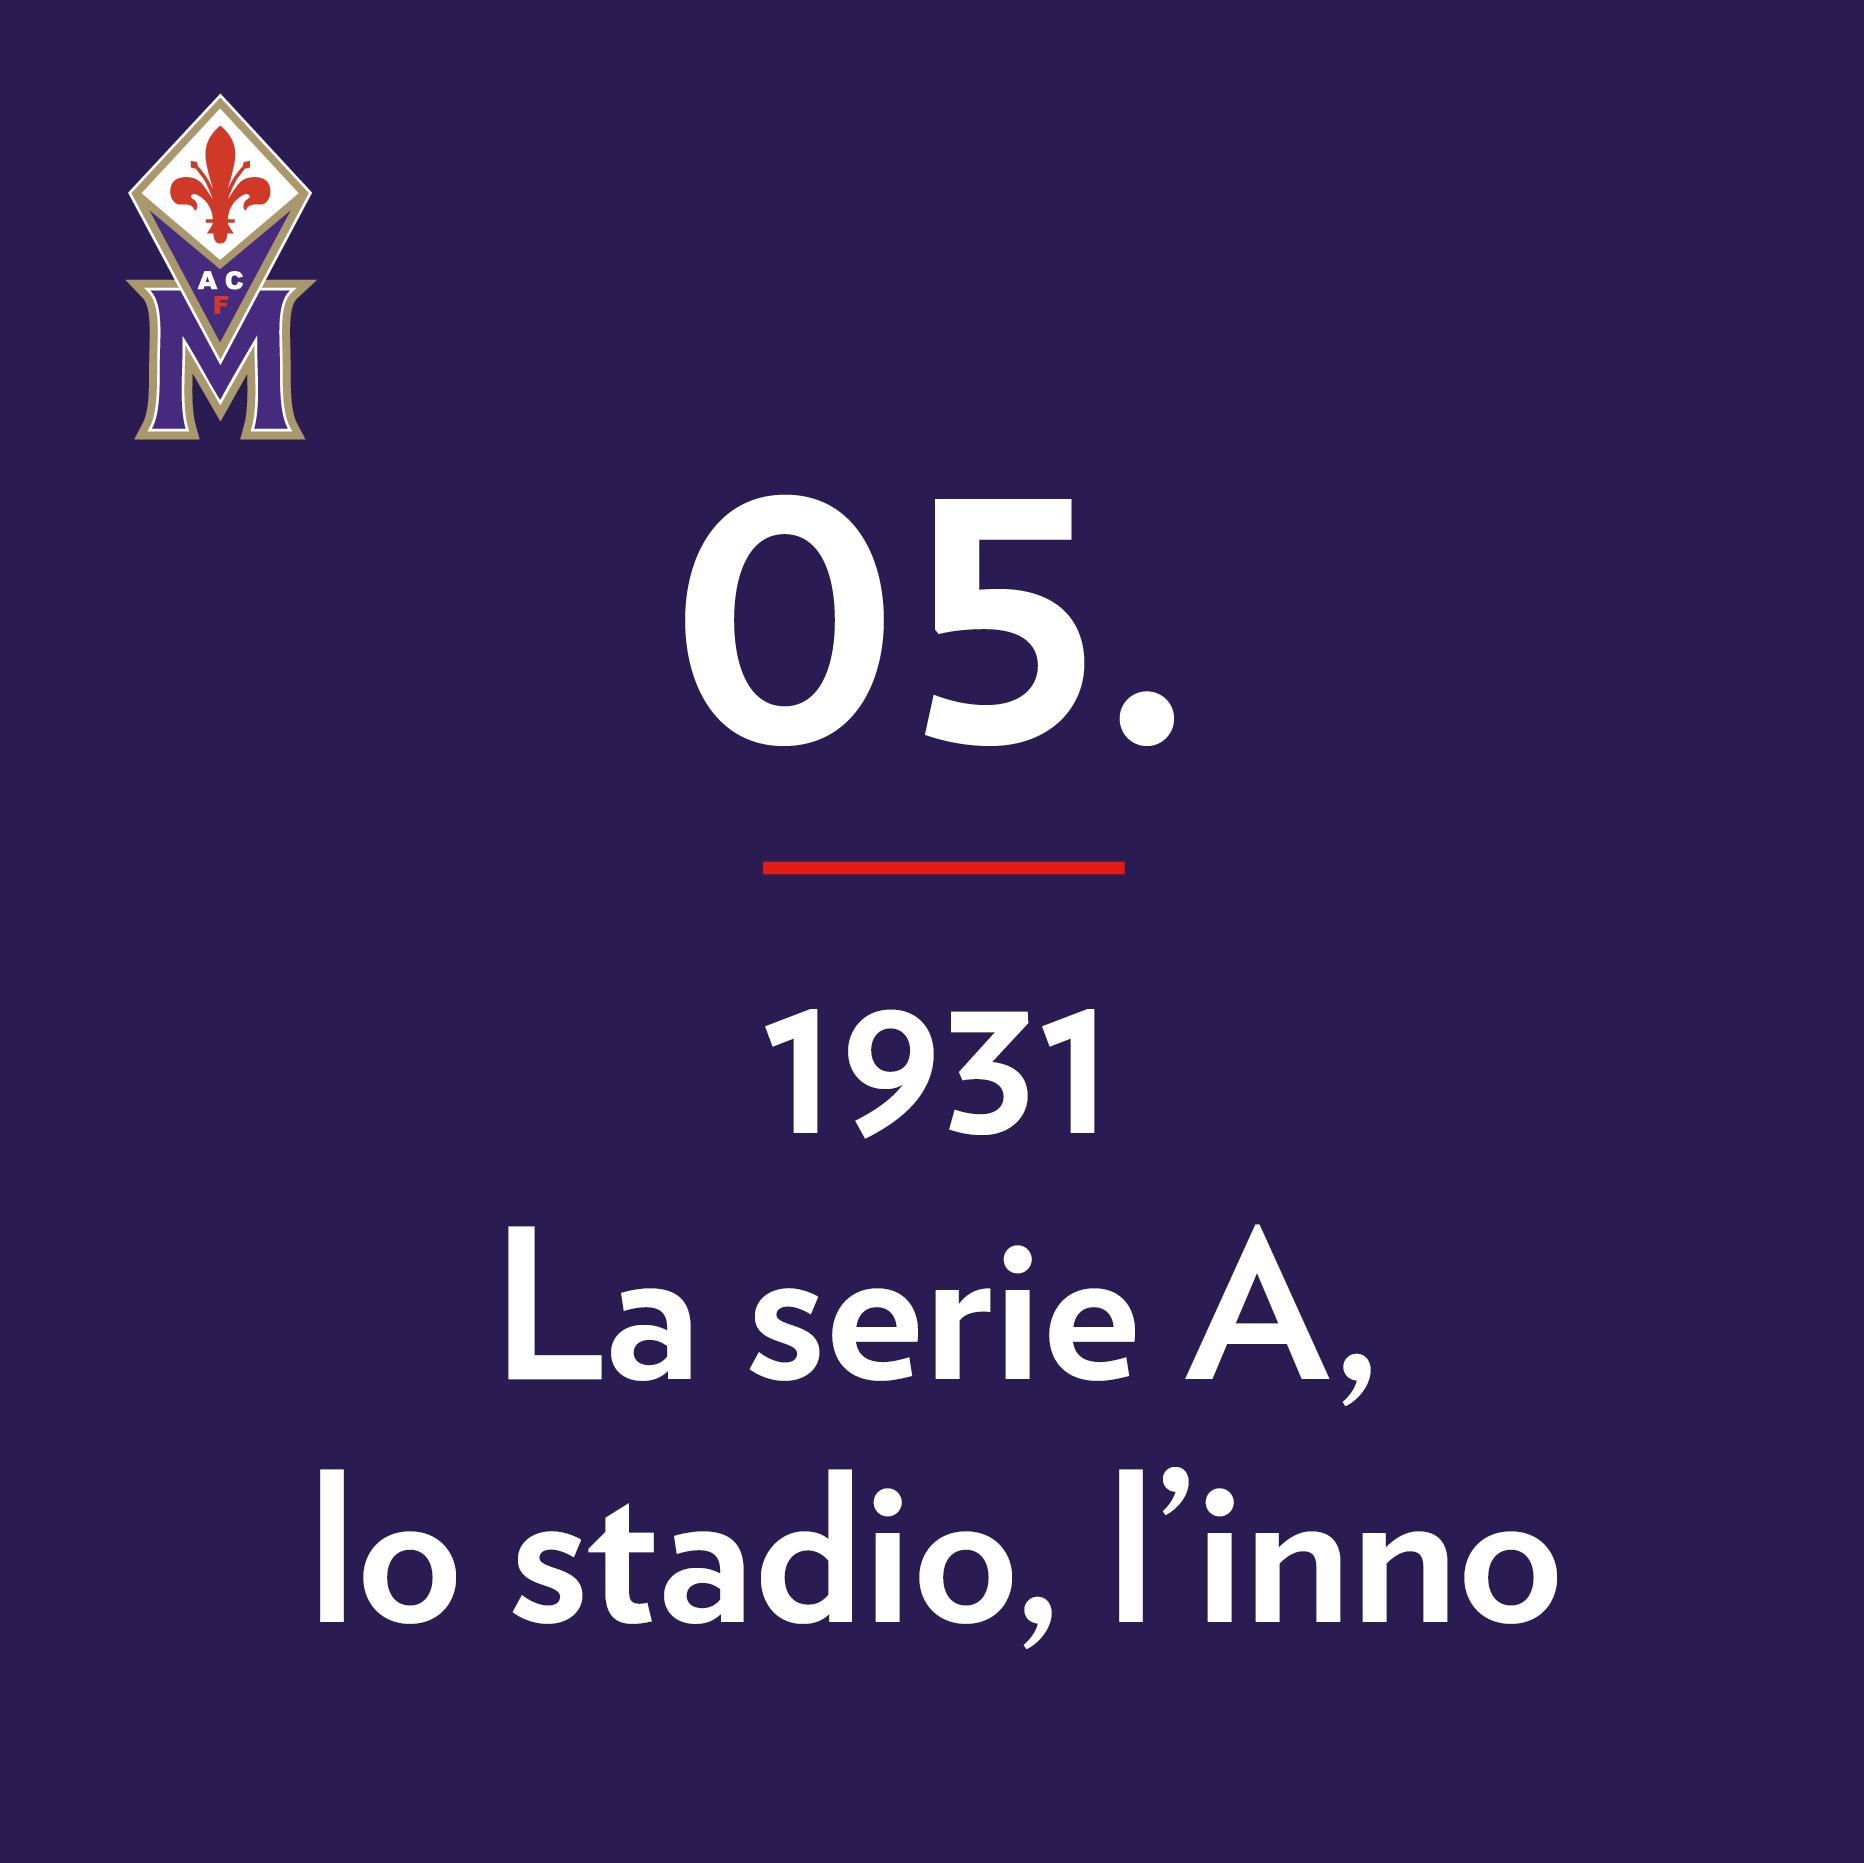 museo-fiorentina-la-nostra-storia-5-1931-la-serie-a-lo-stadio-l-inno